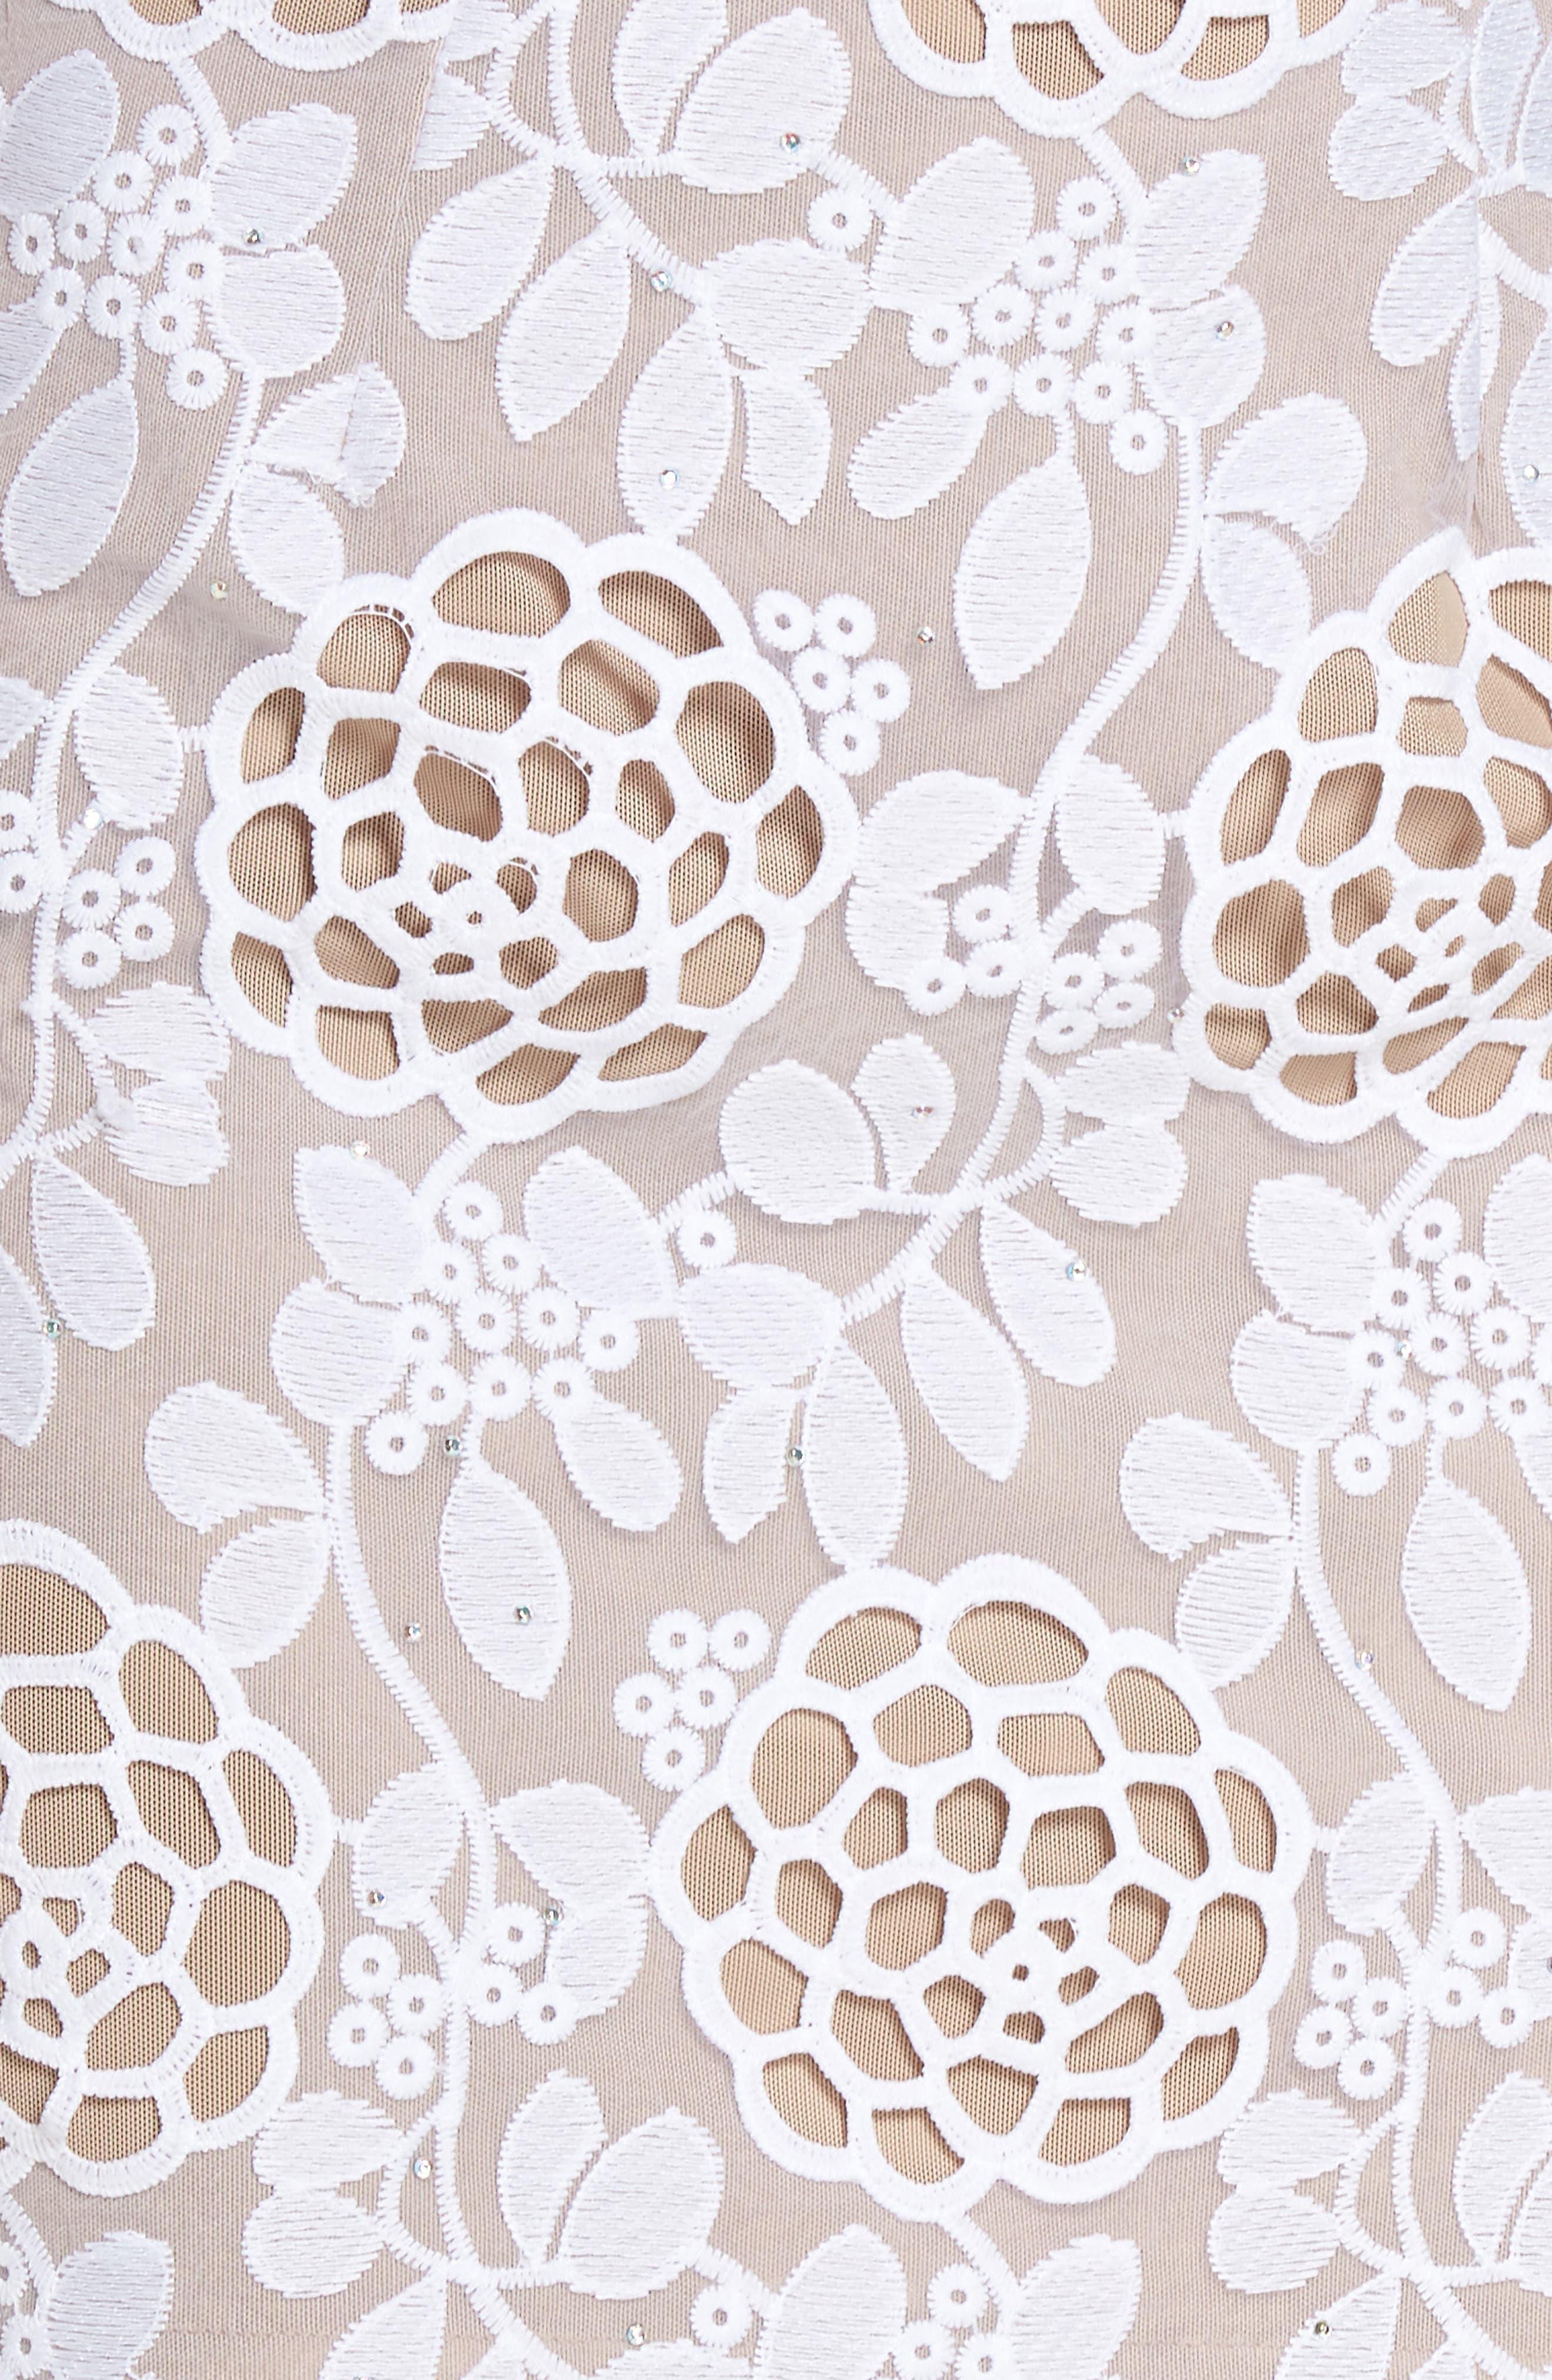 Capri Floral Lace Midi Dress,                             Alternate thumbnail 5, color,                             White